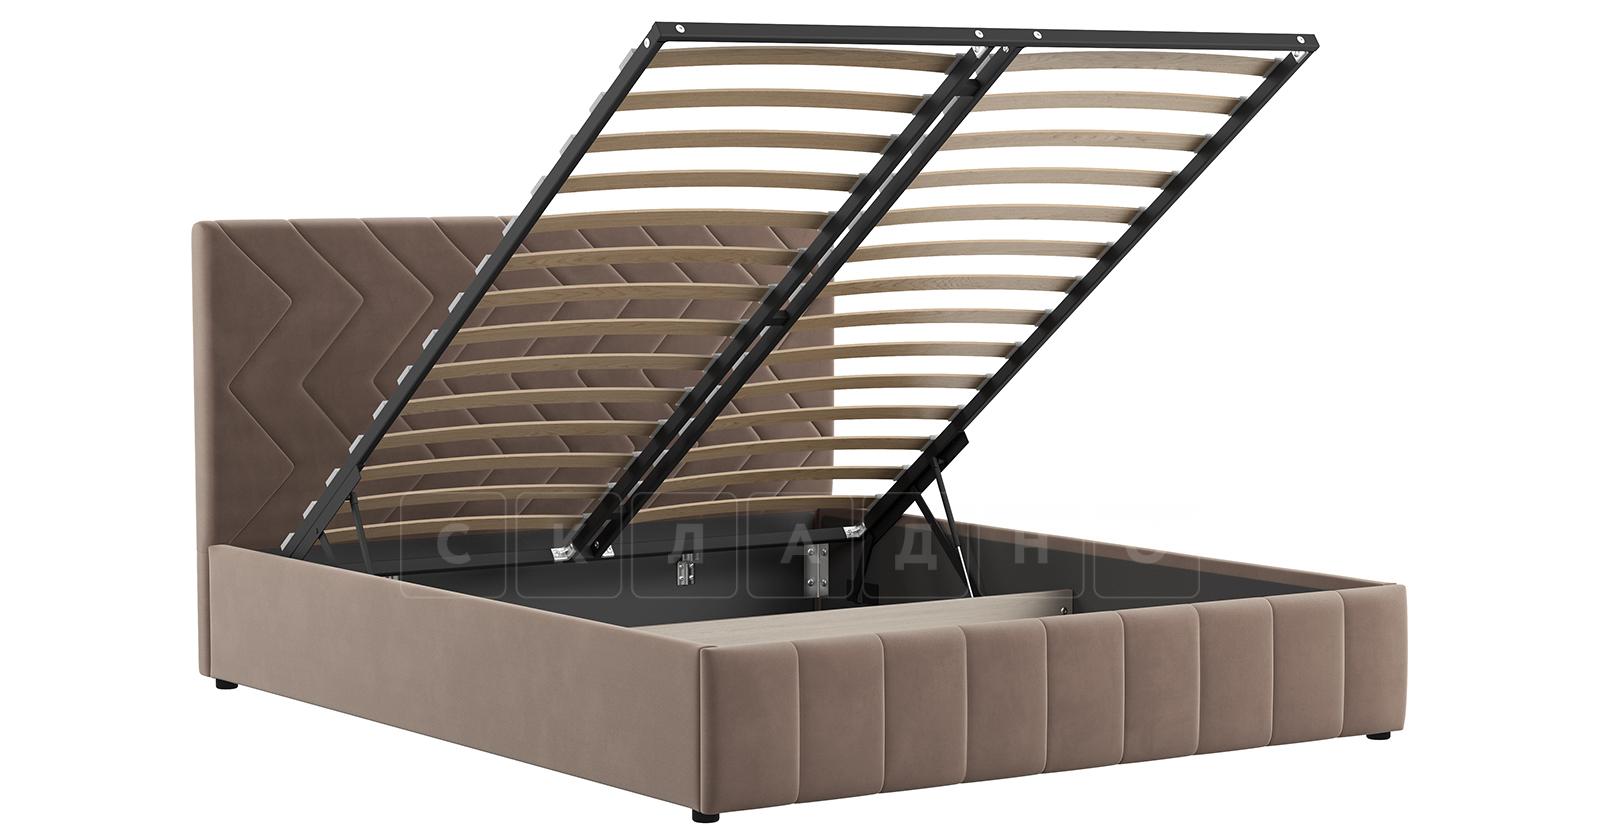 Мягкая кровать Милана 160 см карамельный тауп с подъемным механизмом фото 2 | интернет-магазин Складно